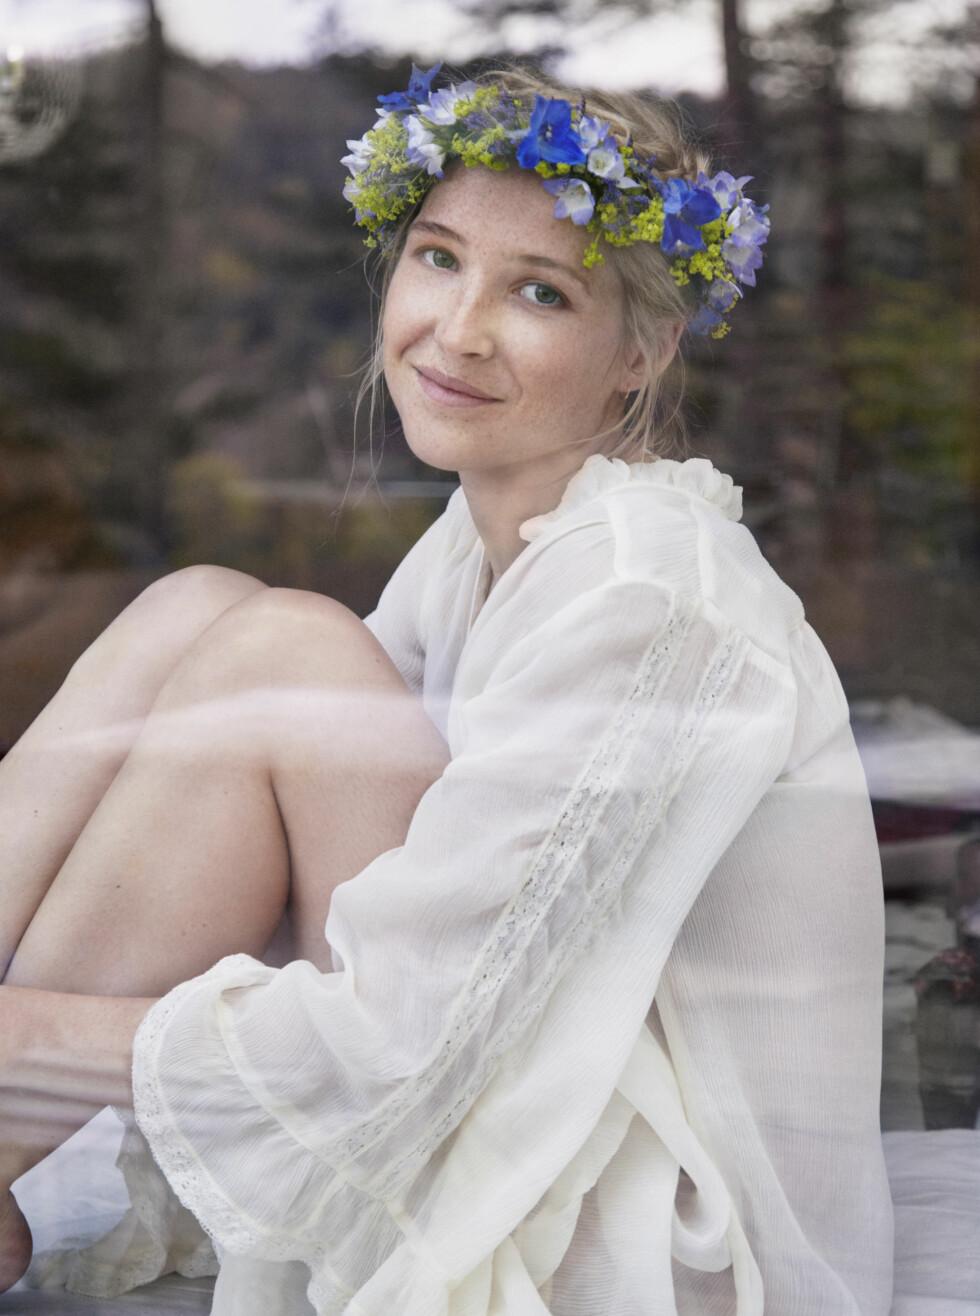 NOSTALGISK: Blomsterkransen minner Malin Pettersen (27) om Emil i Lønneberget.  Foto: Julie Pike, Mester Grønn